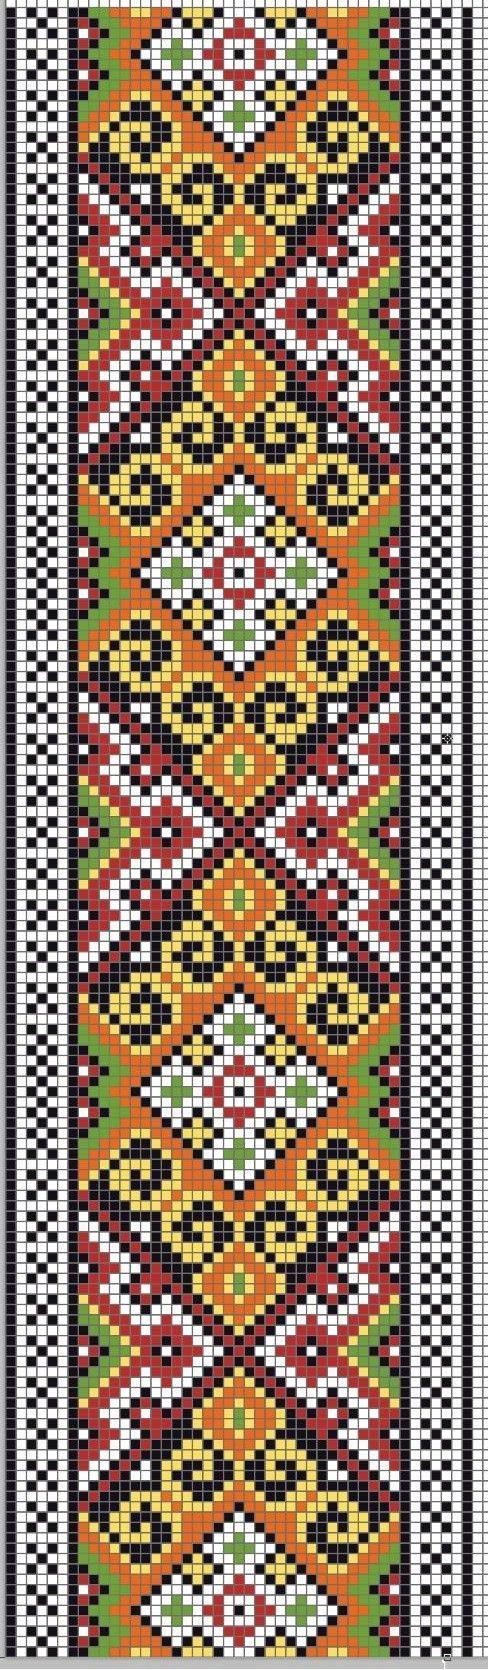 ua pattern - pattern source: http://1.bp.blogspot.com/-Wul_SwBUfm4/UQrPJ1wfMHI/AAAAAAAAAIM/luJIYtbqX84/s400/DSC08109.JPG